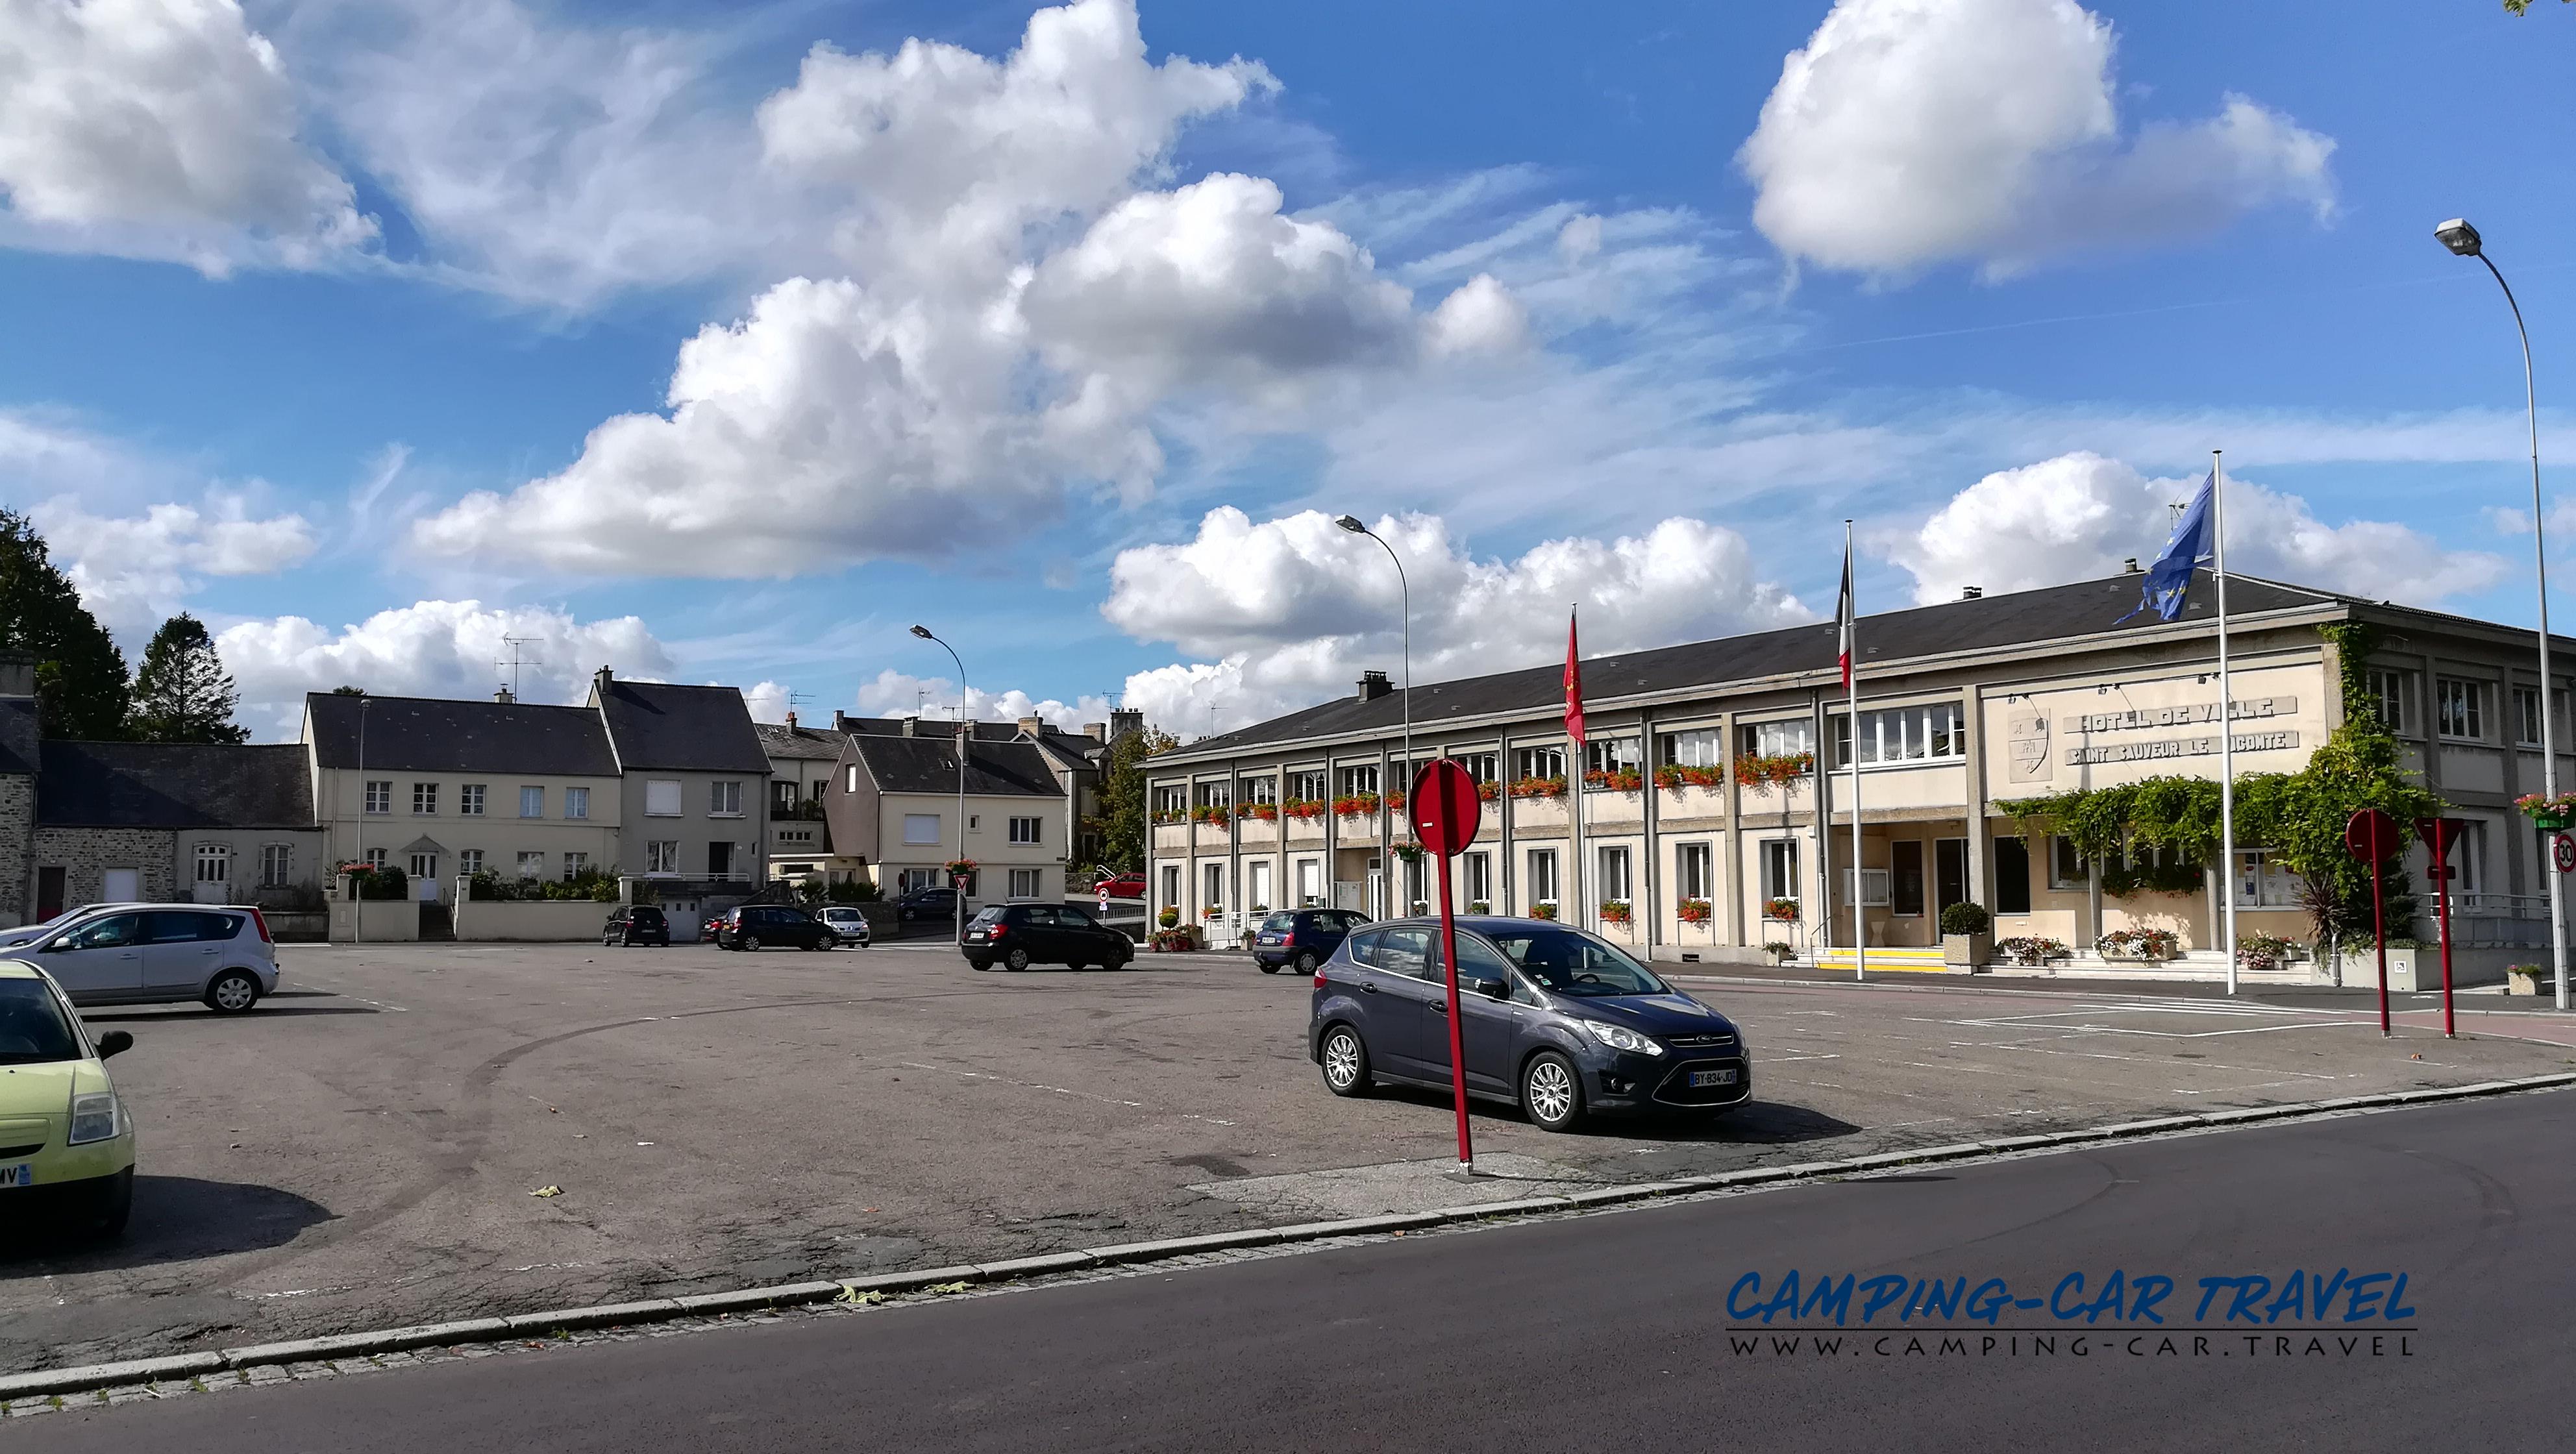 aire services camping car Saint-Sauveur-le-Vicomte Manche Normandie